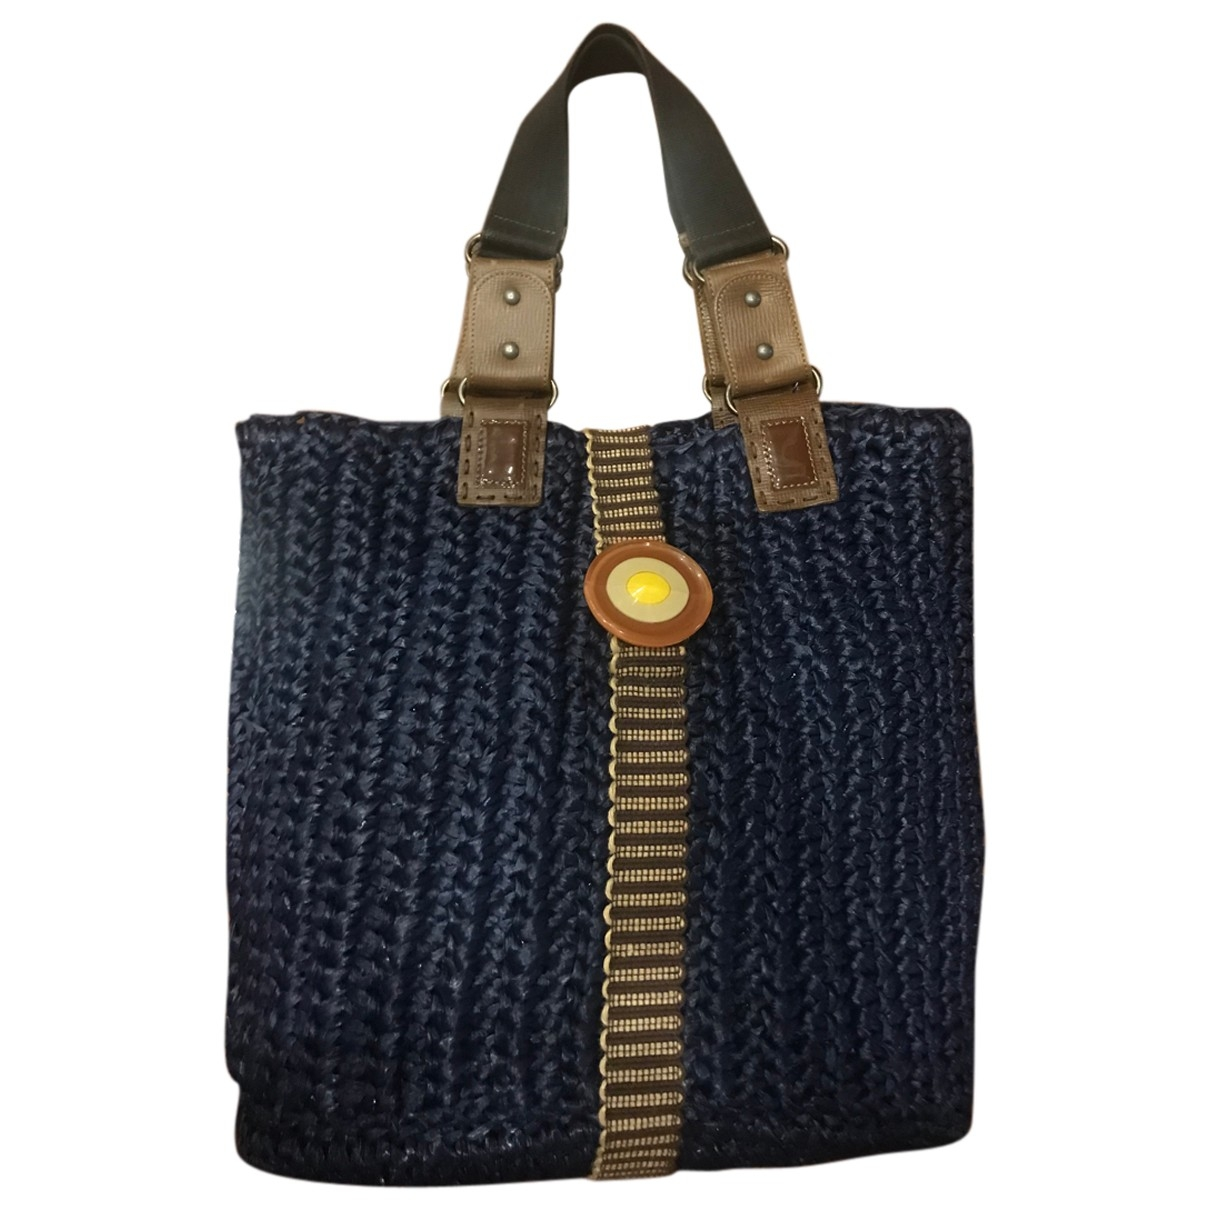 Marni \N Handtasche in  Blau Stroh